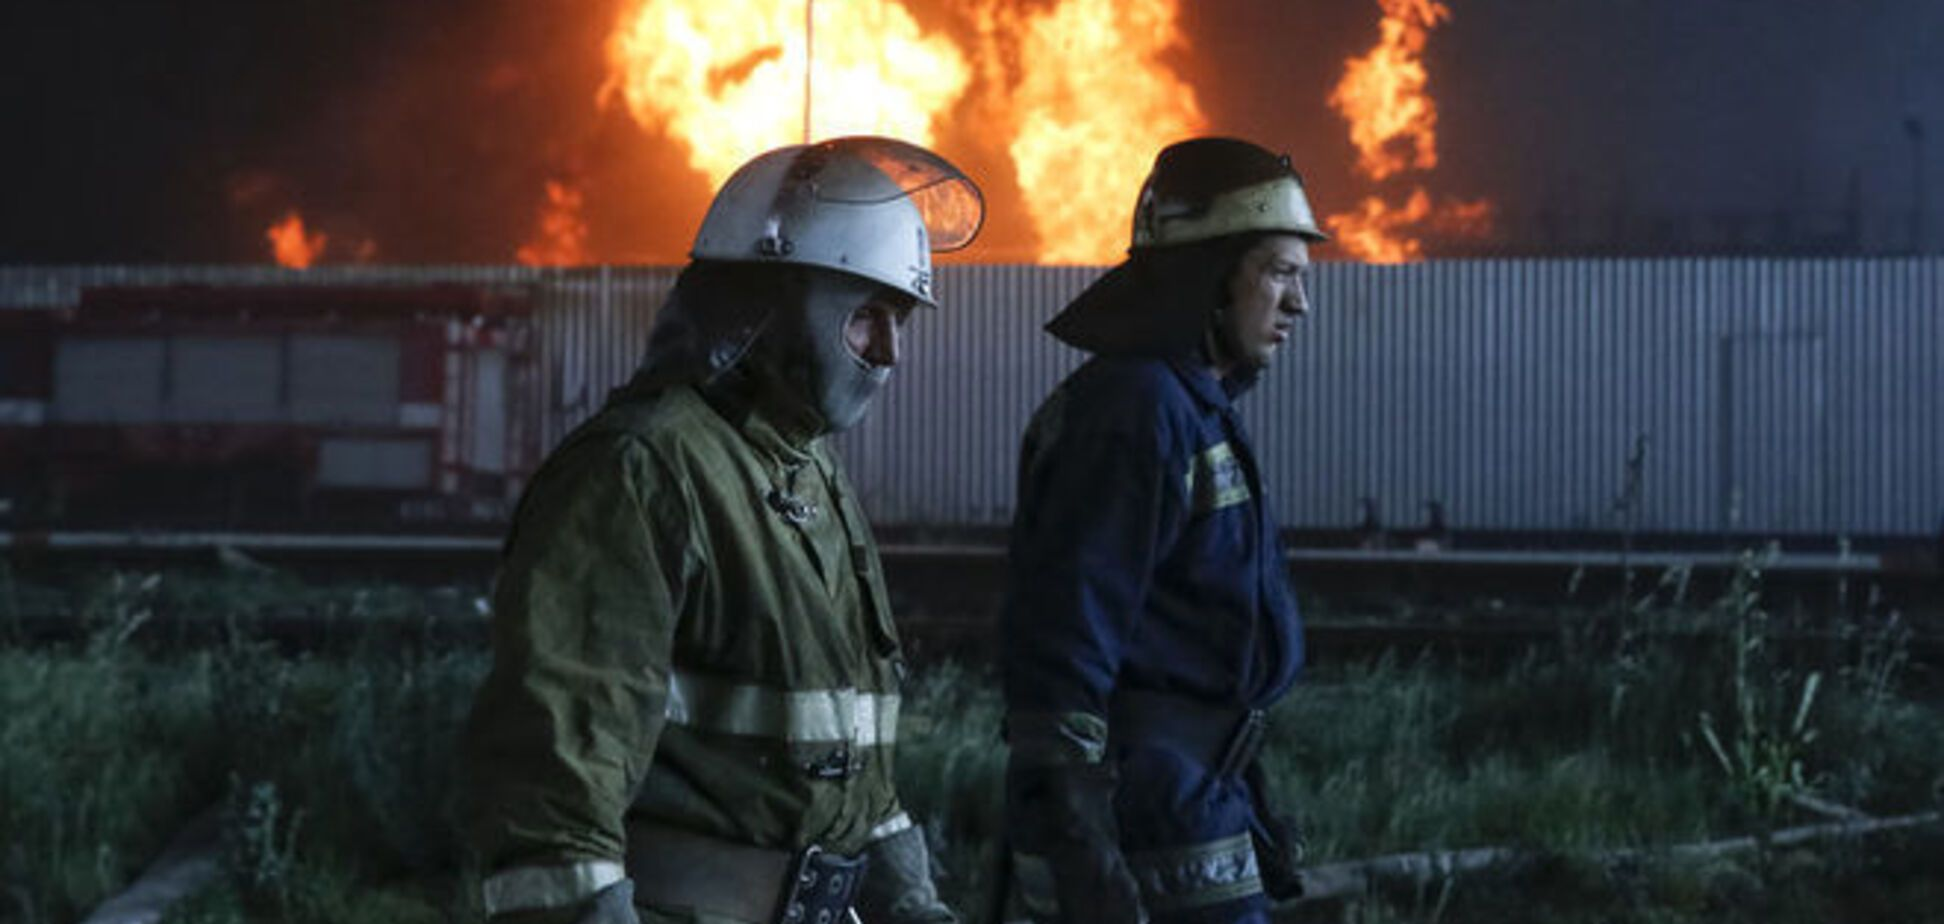 Корбан підказав міліції, де шукати винних у пожежі на нафтобазі